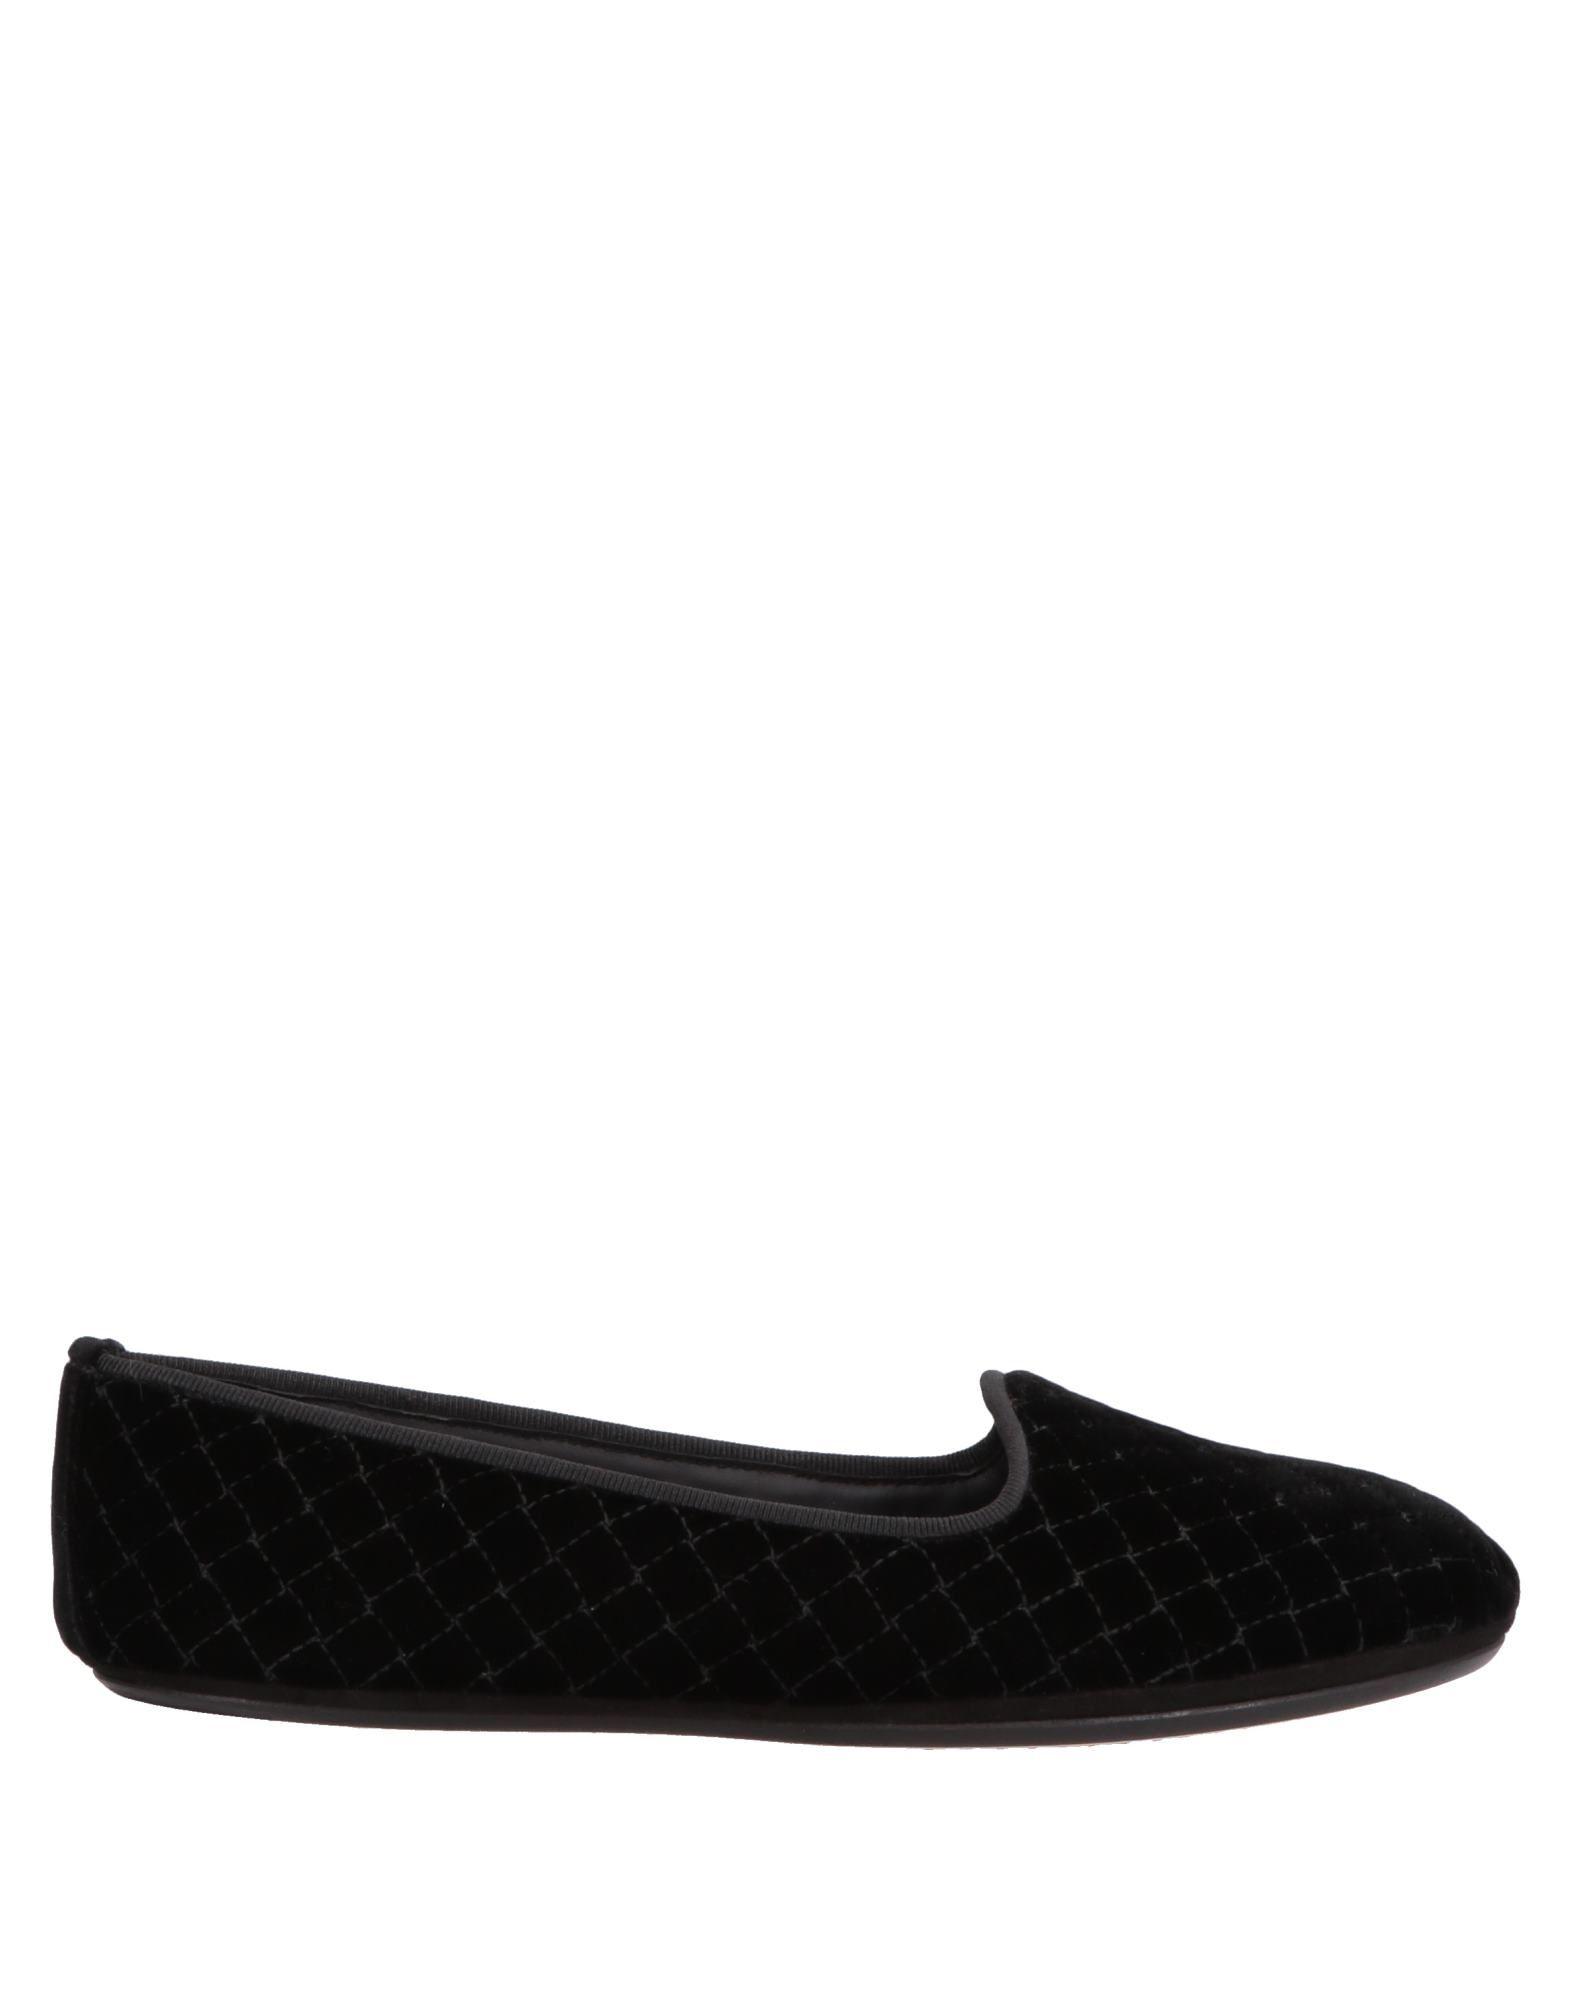 Rabatt Schuhe Bottega Veneta Mokassins Damen 11283471WK